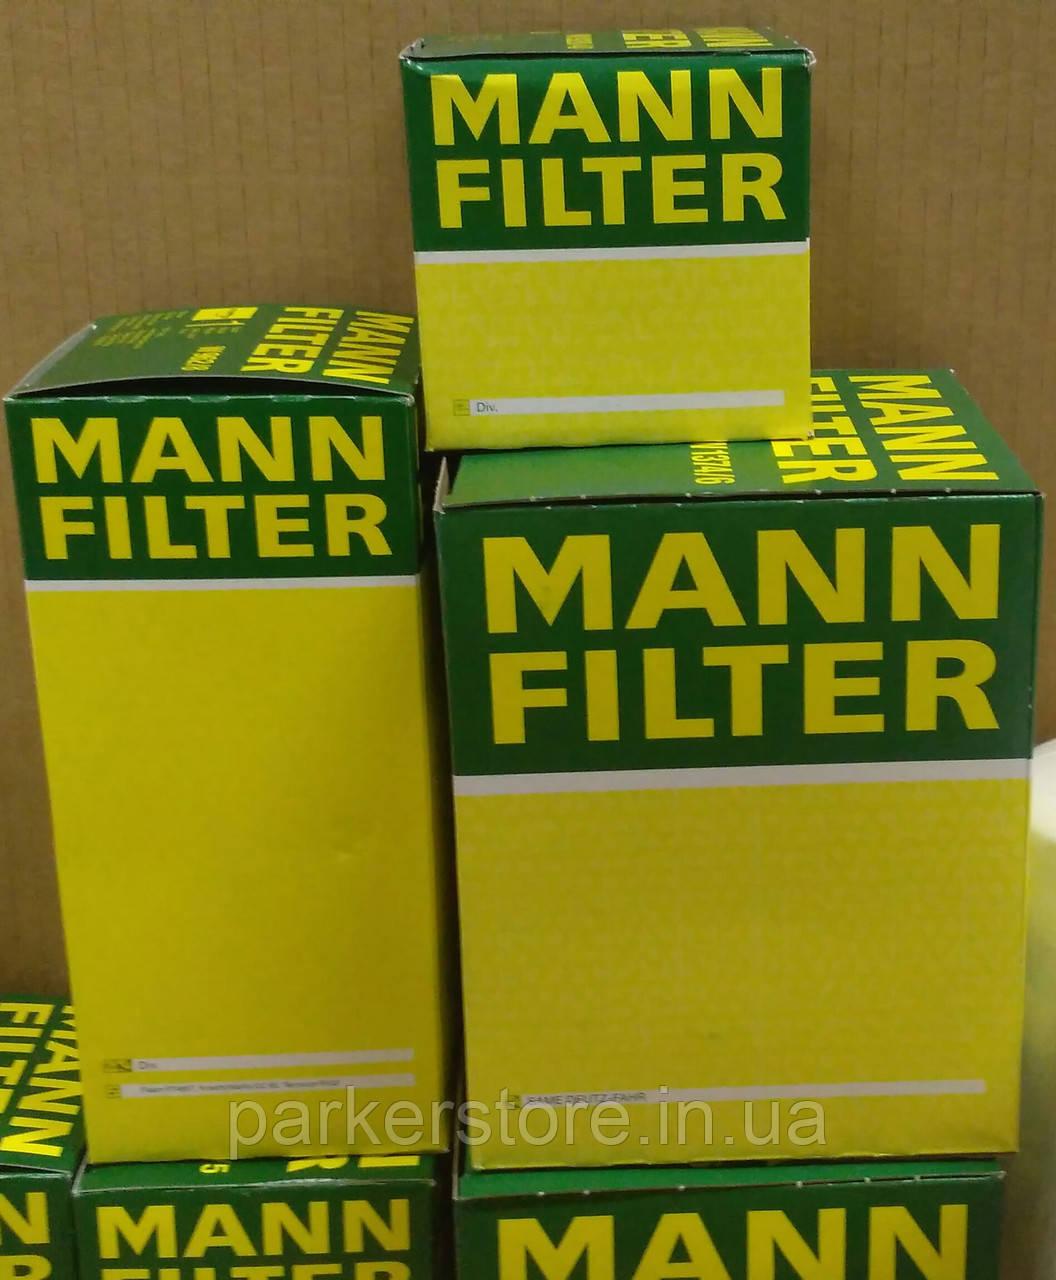 MANN FILTER / Повітряний фільтр / C 2697 / C2697